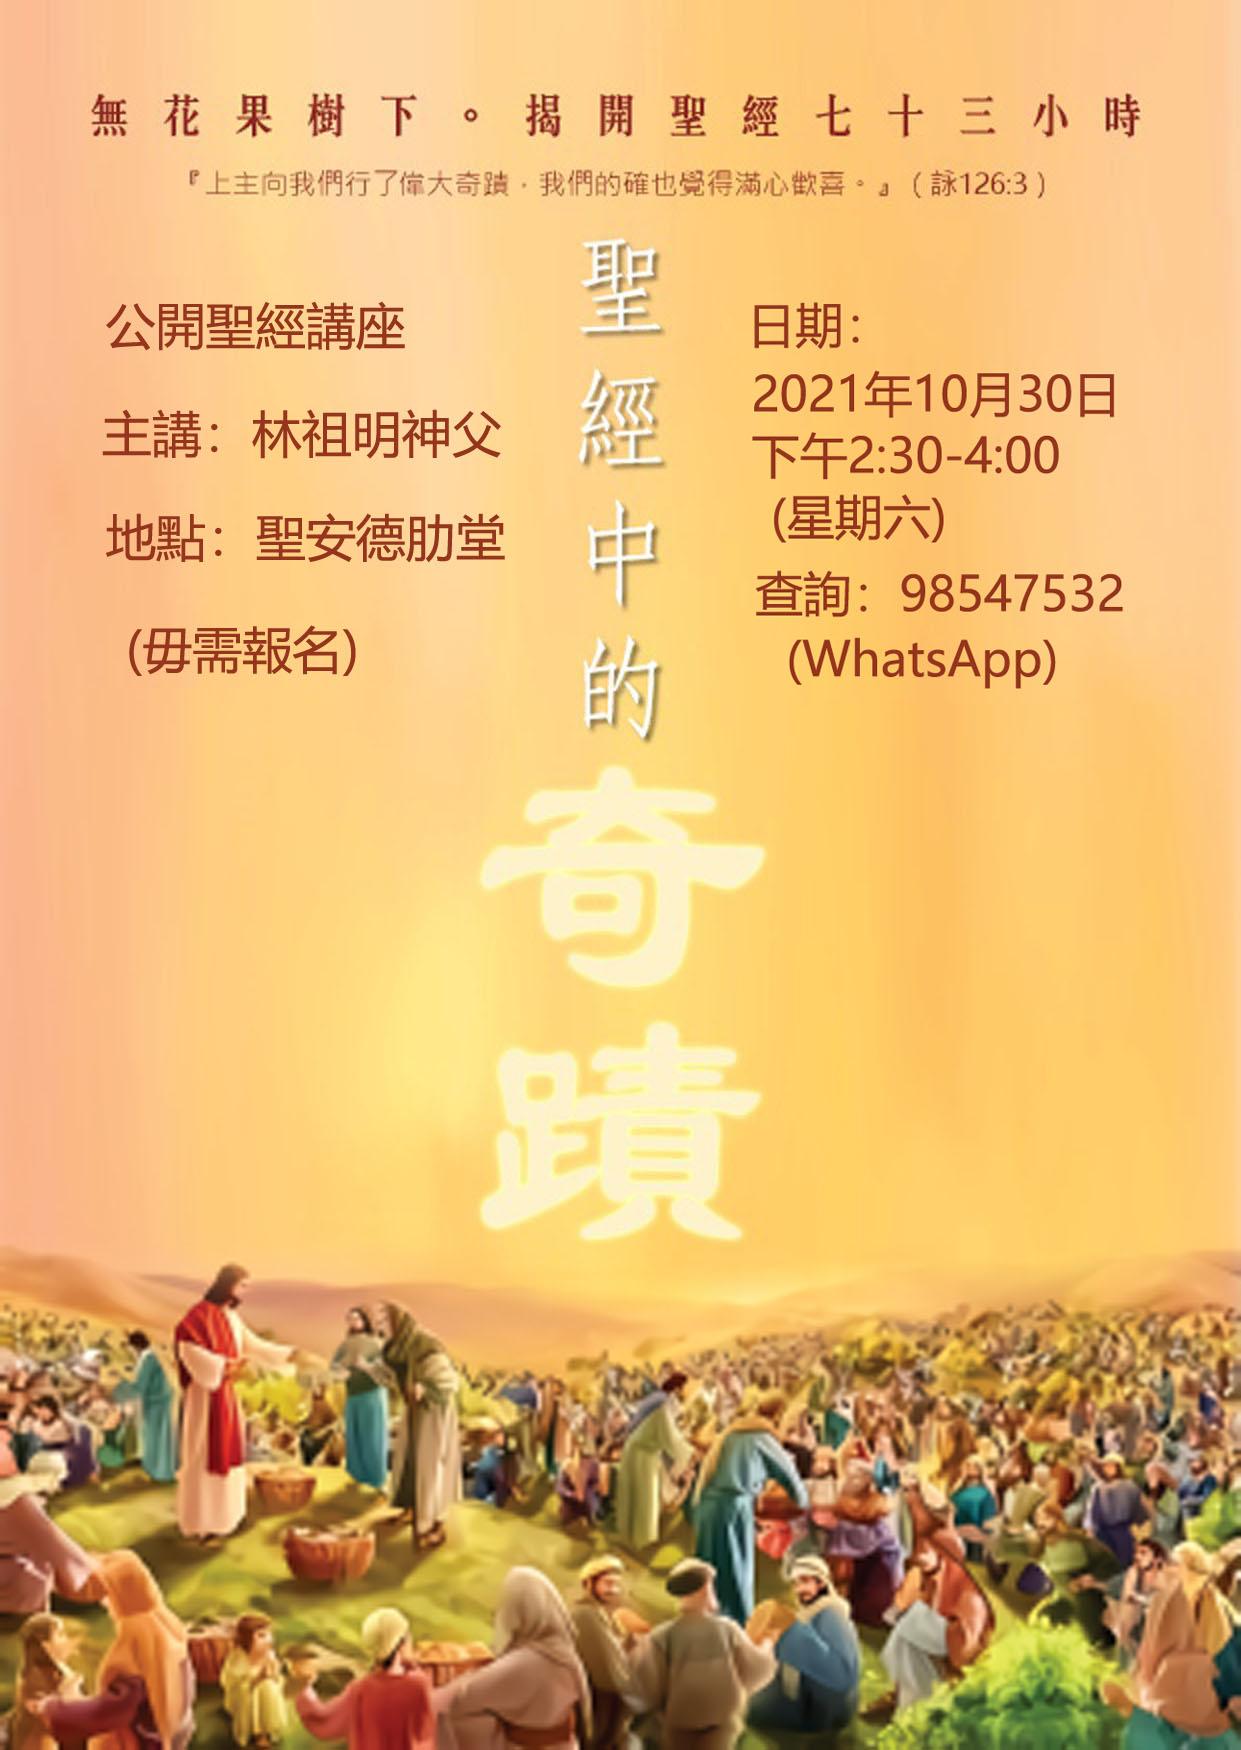 「公開聖經講座」林祖明神父主講